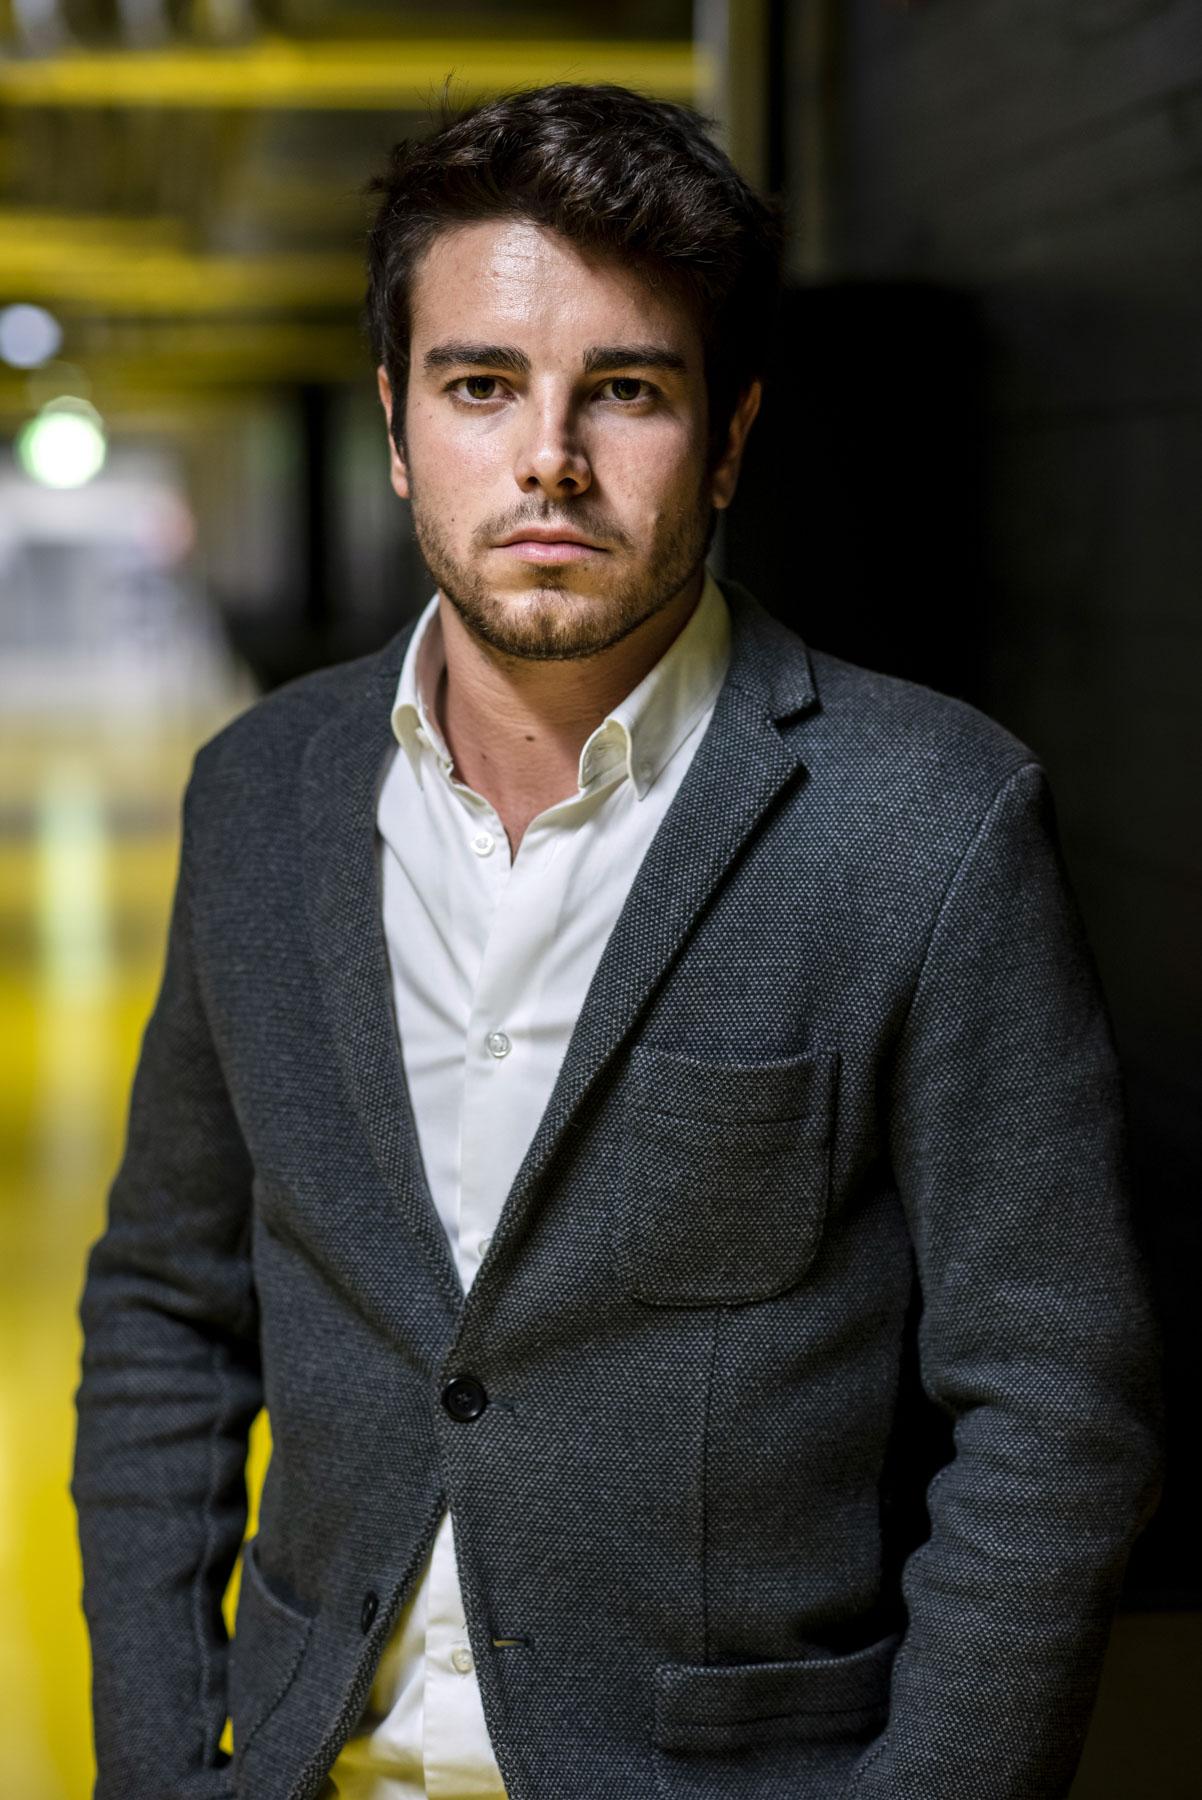 Lukas Schorn